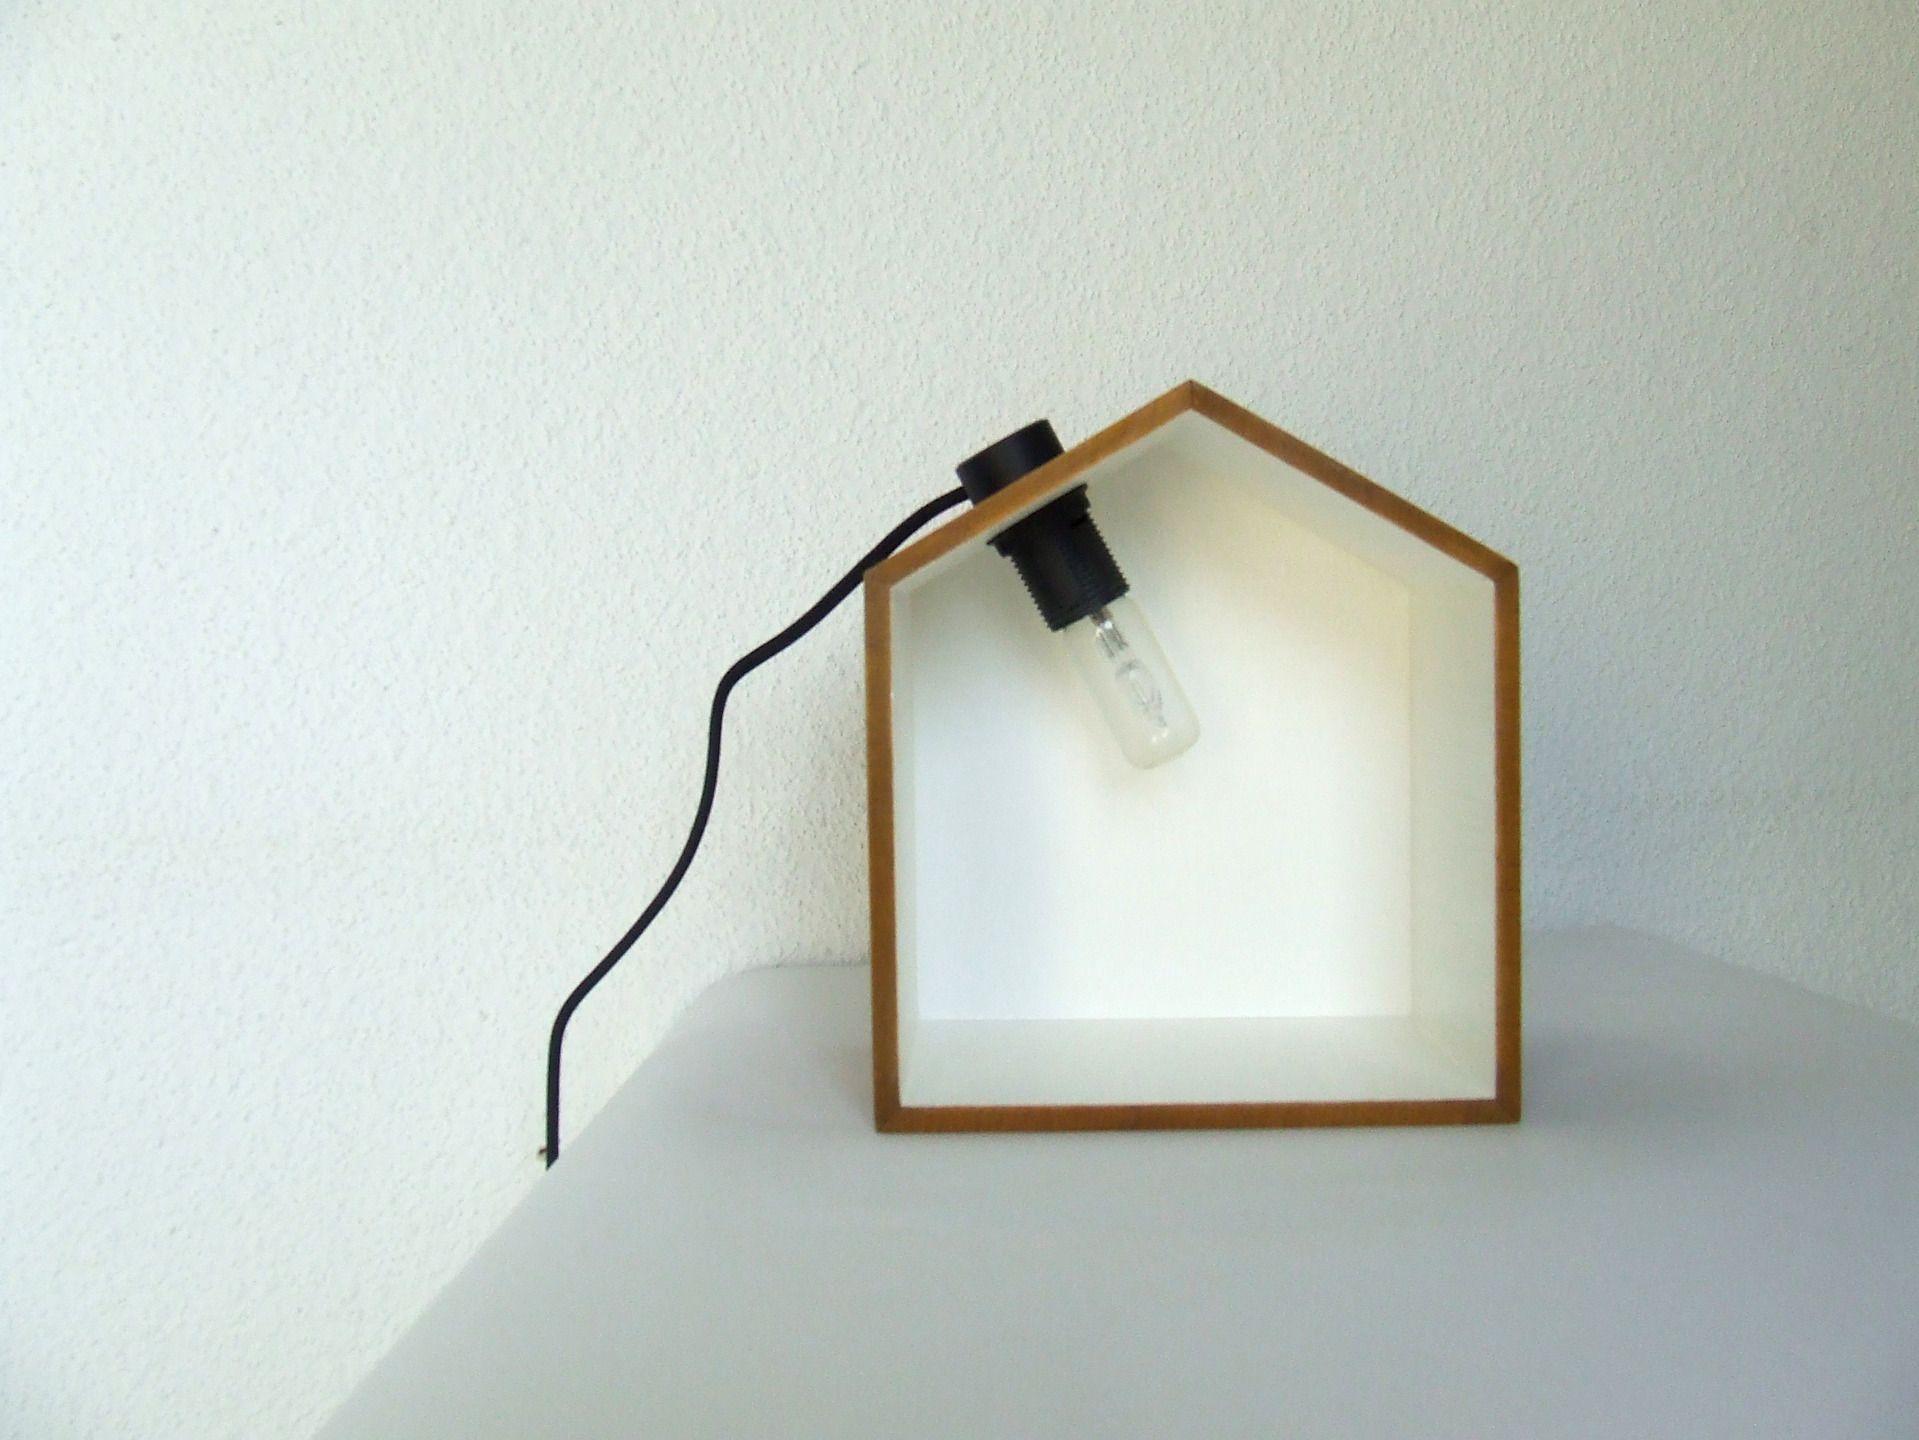 sur commande jolie lampe murale en bois forme cabane sur mesure vos couleurs. Black Bedroom Furniture Sets. Home Design Ideas